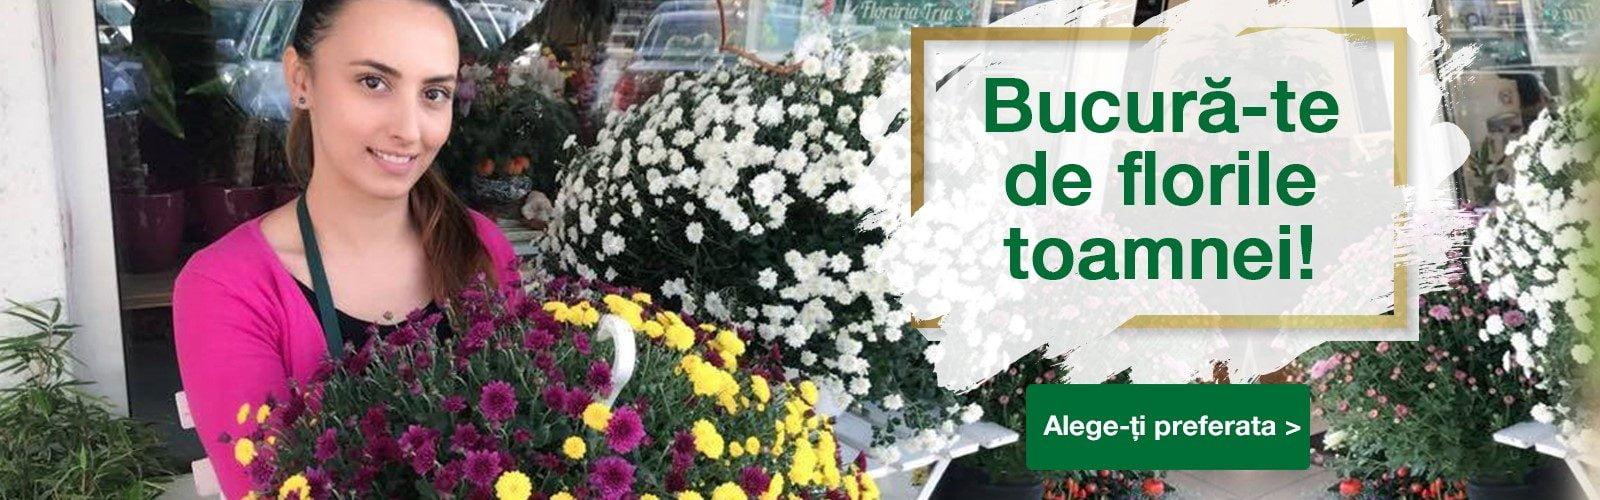 bucura-te de florile toamnei desk